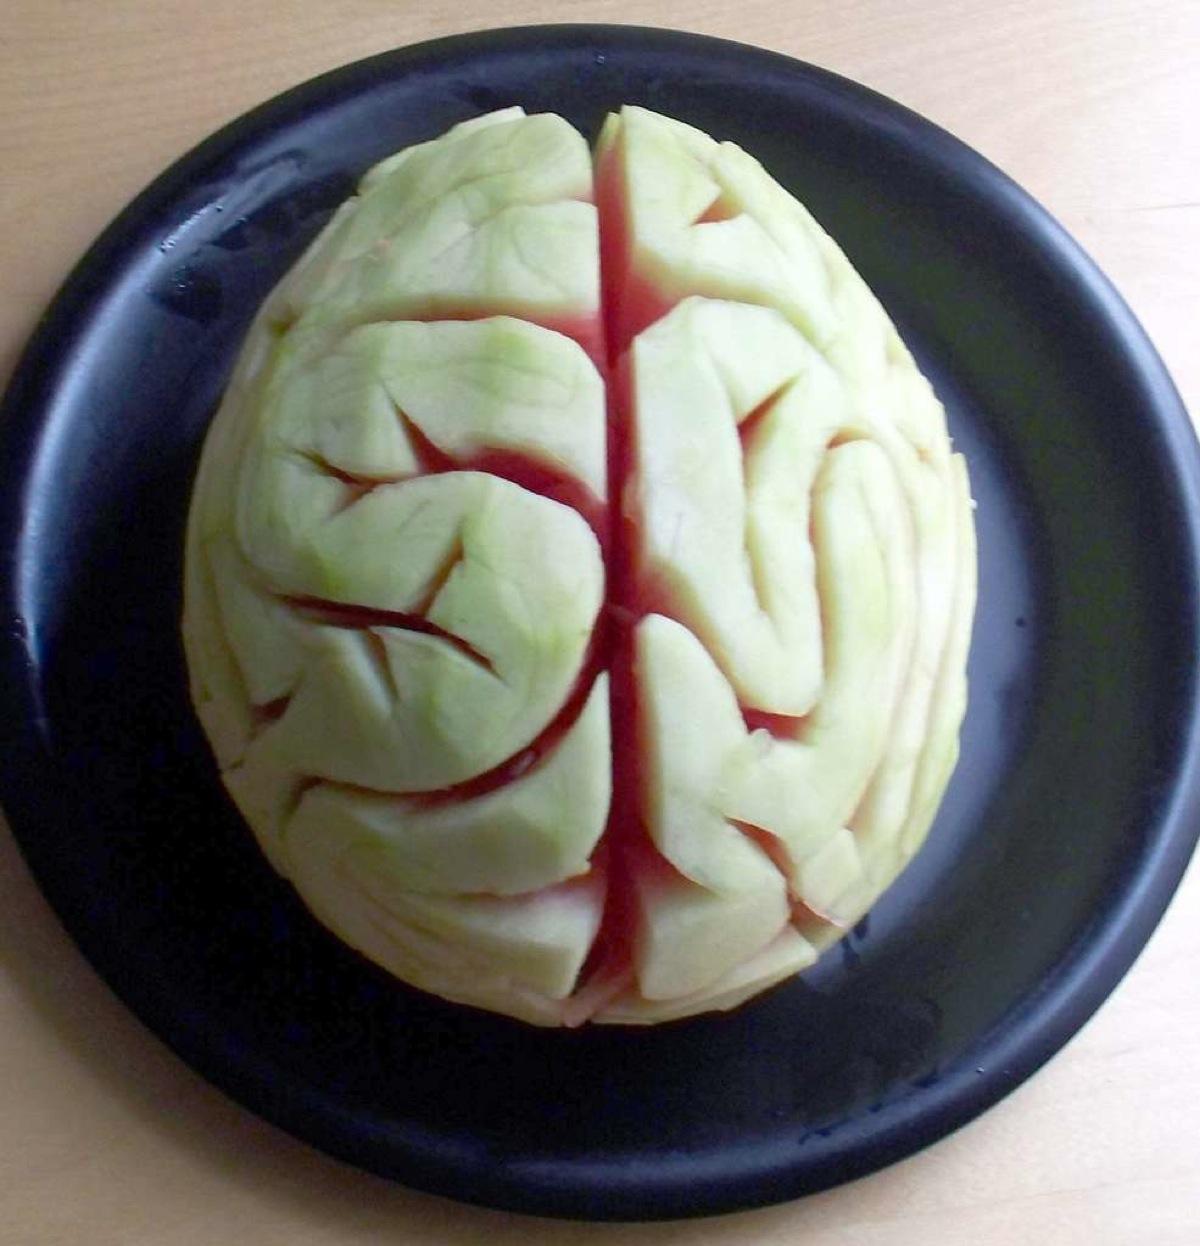 карвинг - мозг из арбуза